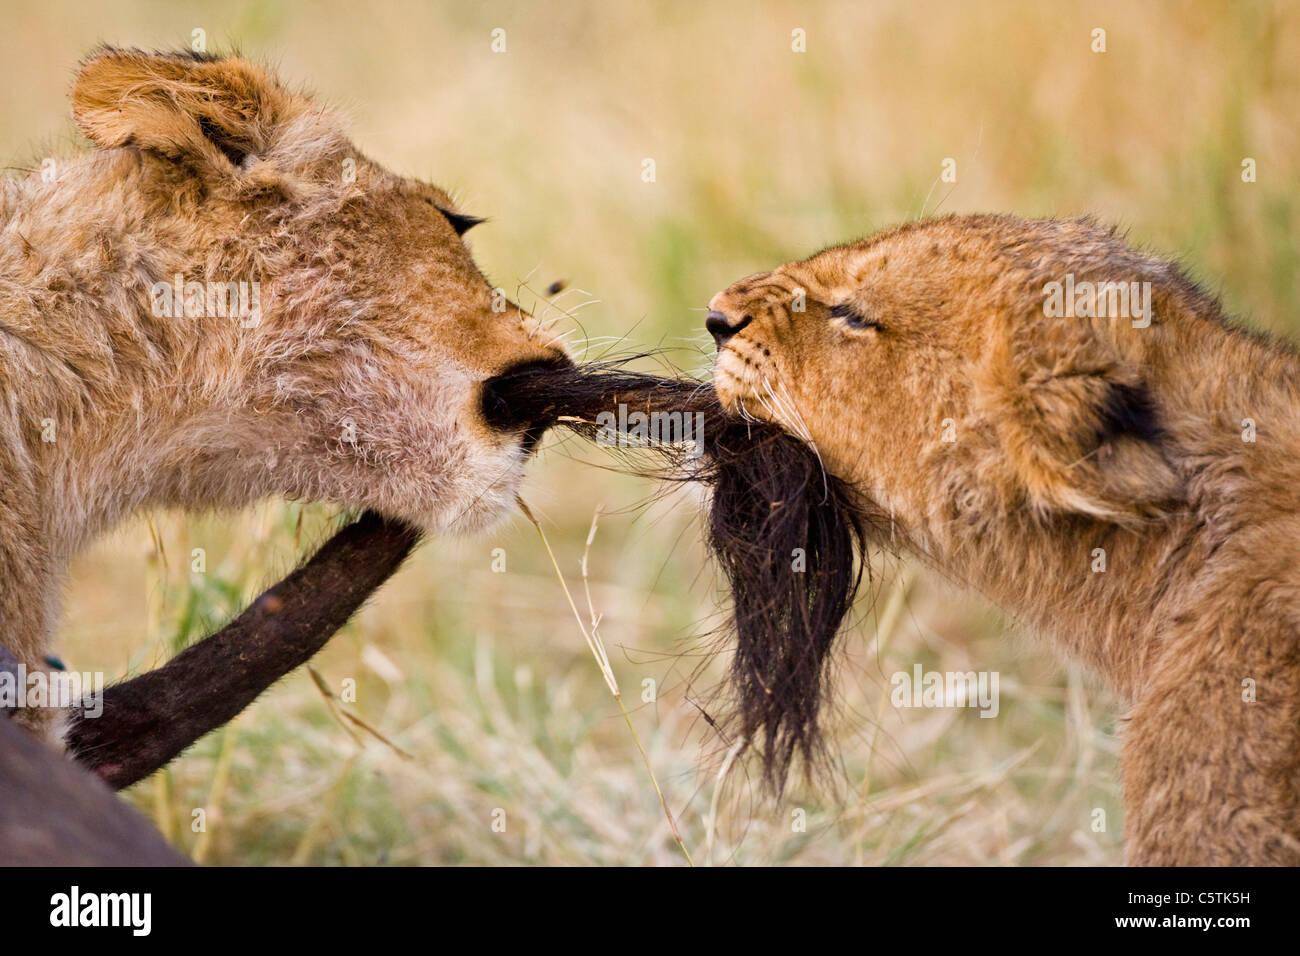 L'Afrique, Botswana, deux oursons lion (Panthera leo) jouant Banque D'Images